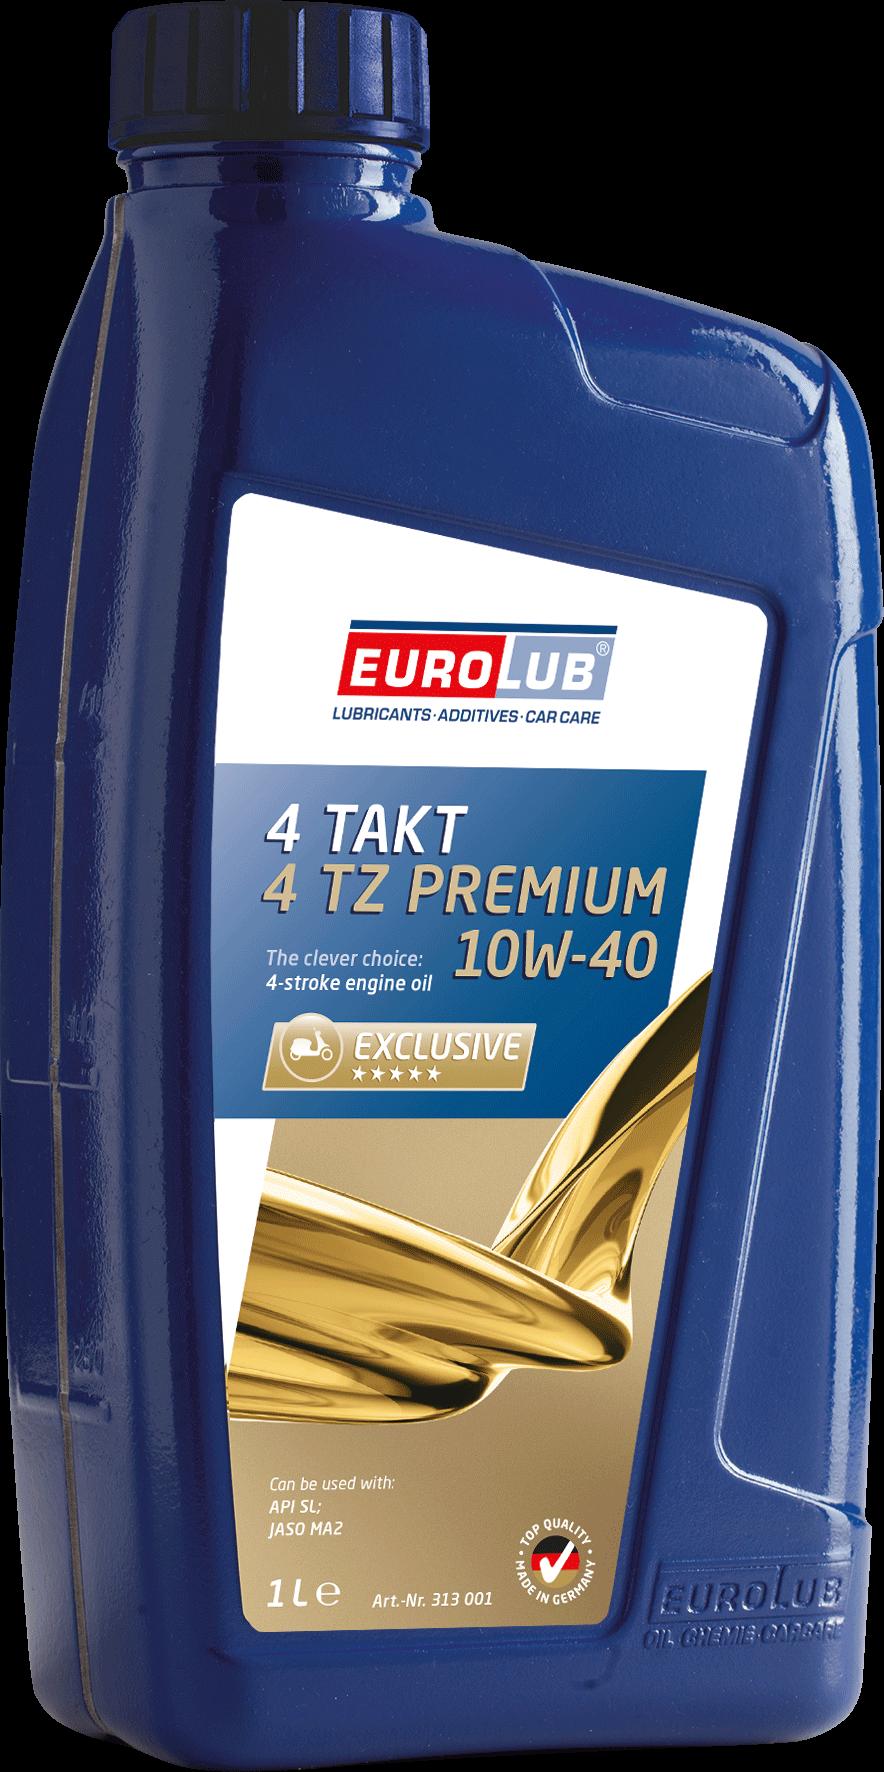 EUROLUB 4-Takt Motoröl 4TZ PREMIUM SAE 10W/40, 1л